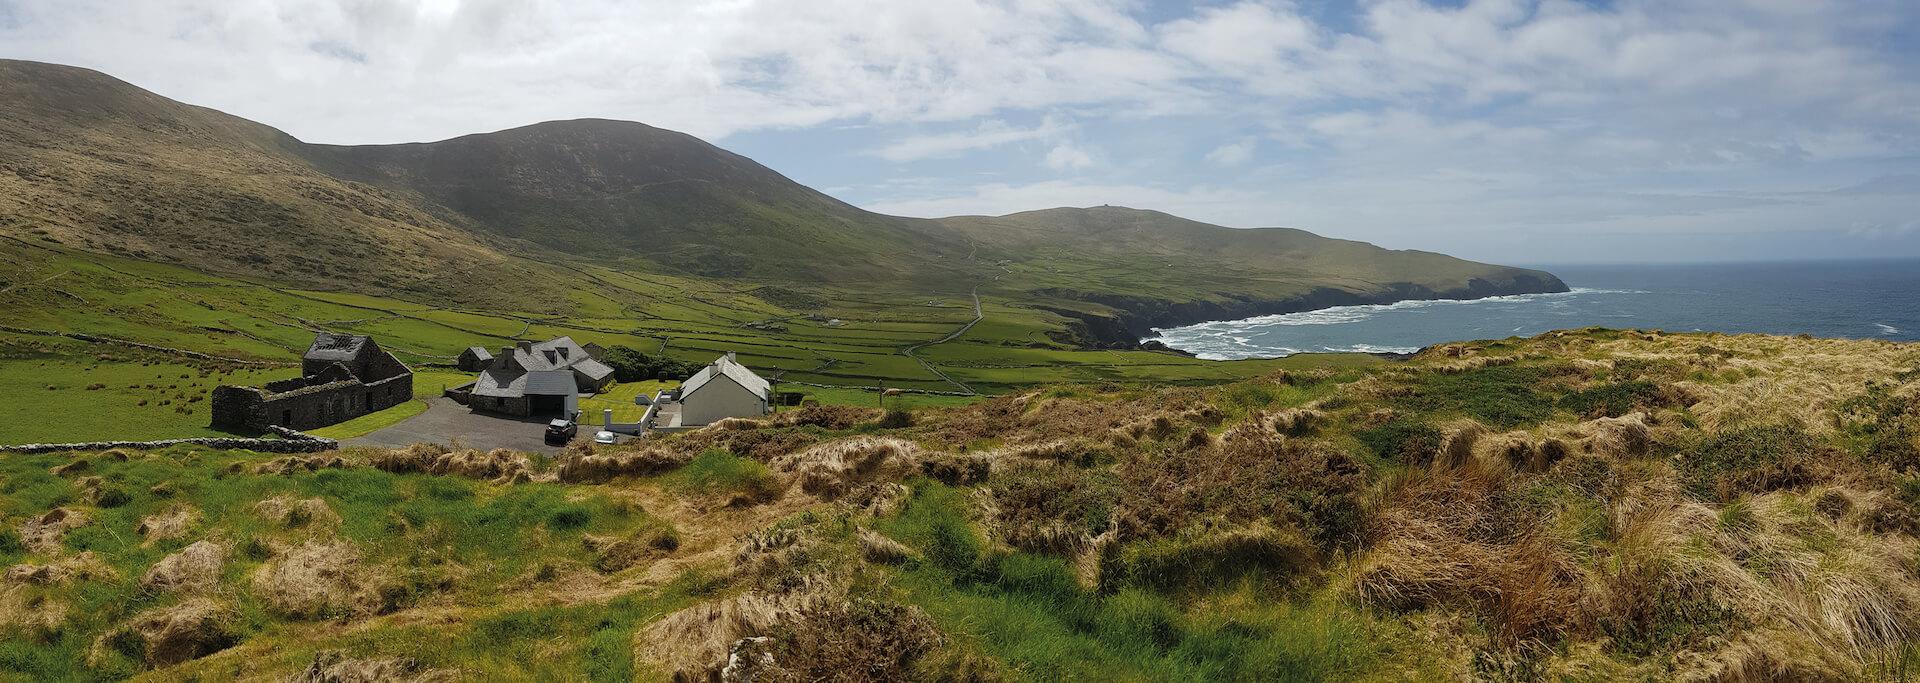 Farm Skelligs Coast